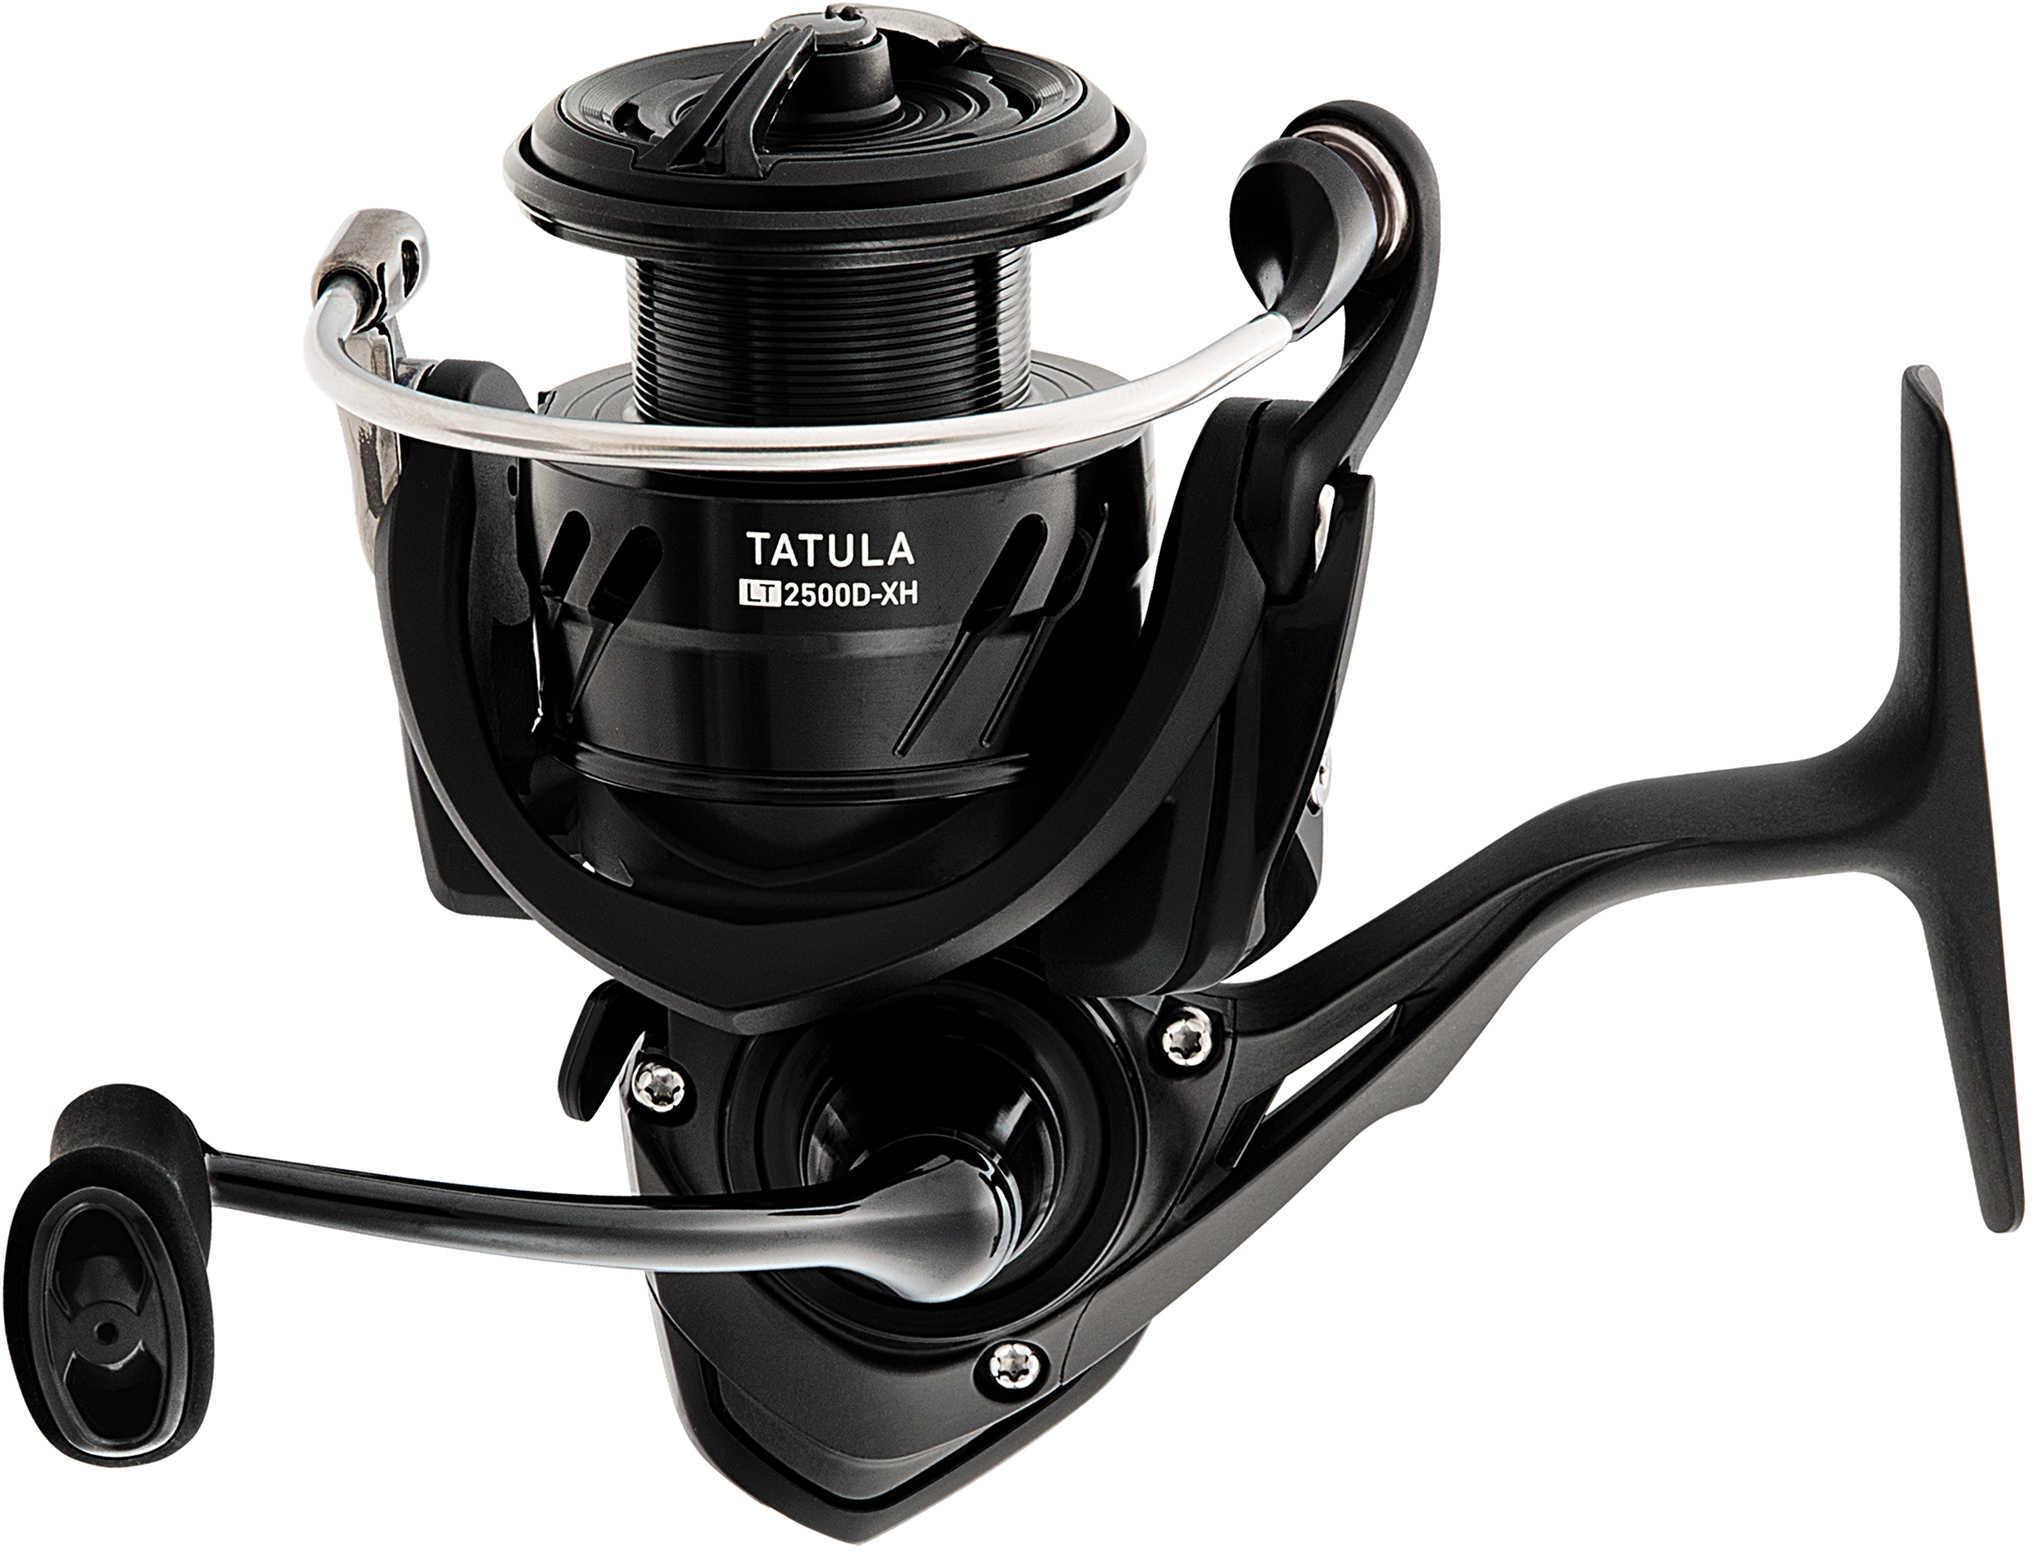 Daiwa Tatula LT Spin Reel 6(1CRBB+5BB)+1 6.2:1 TALT2500D-XH